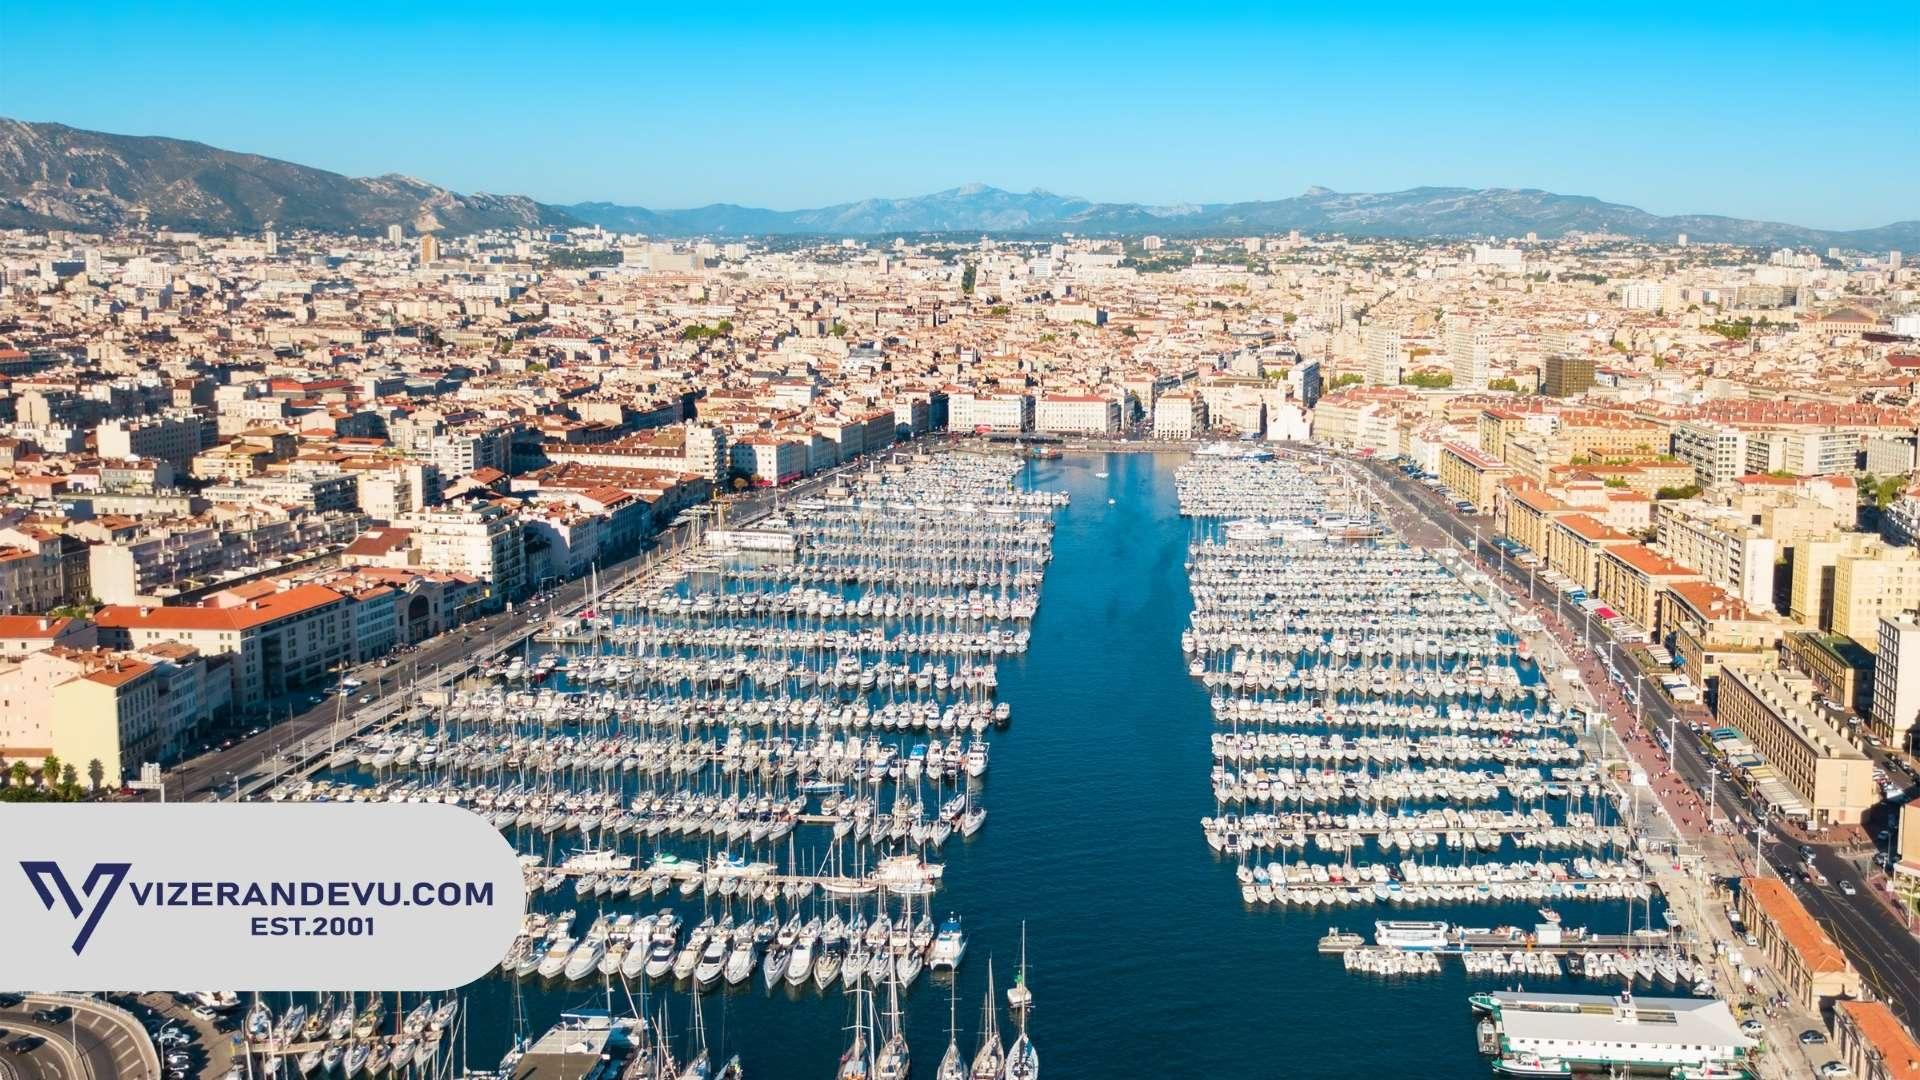 Fransa'ya Giriş Yaparken Vize Almak Zorunda Mıyız?